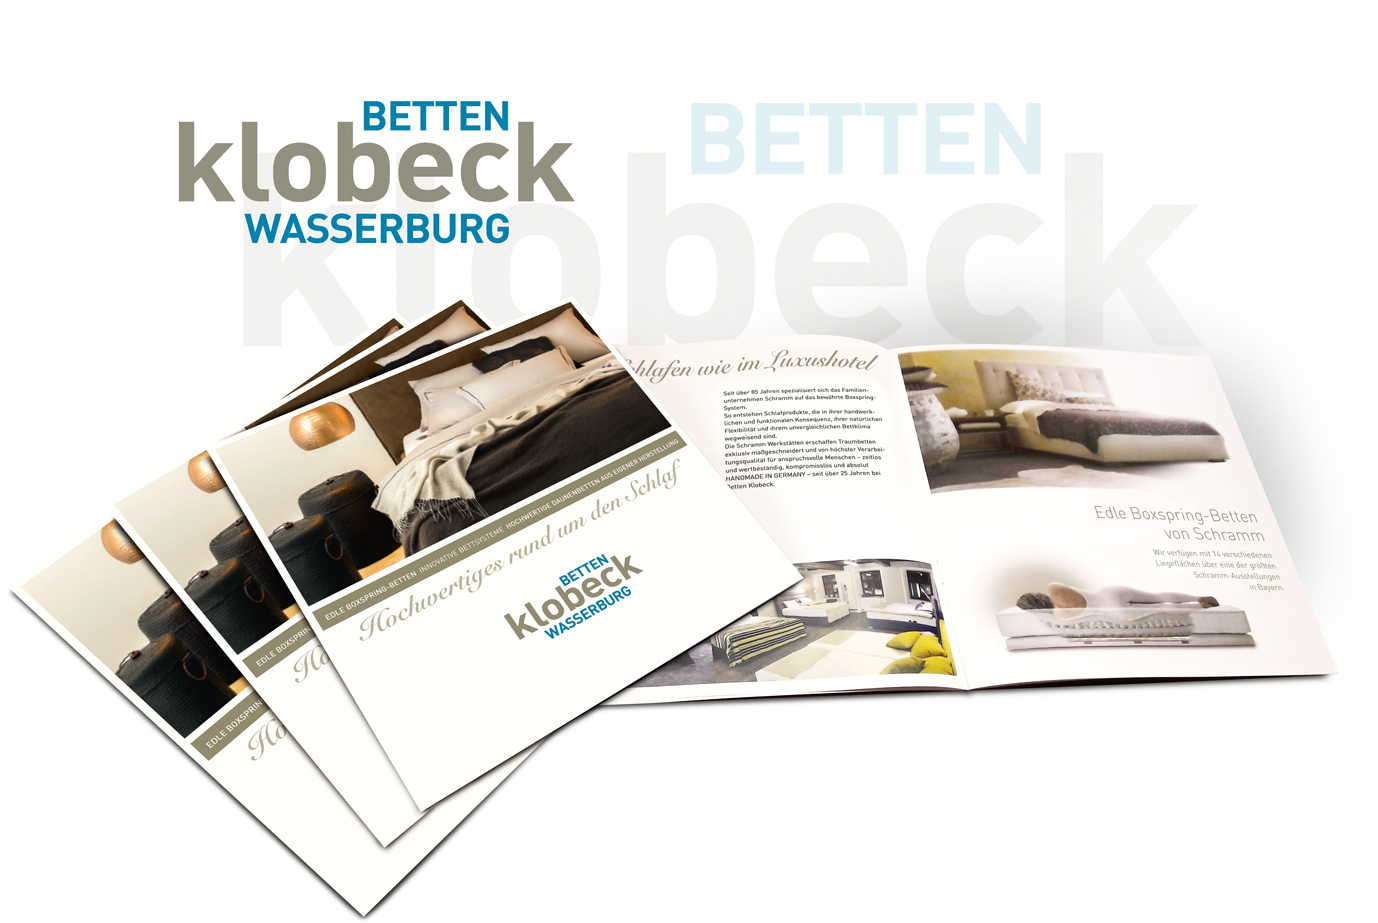 Betten Klobeck, Wasserburg: Neues Firmenlogo, Imagebroschüre